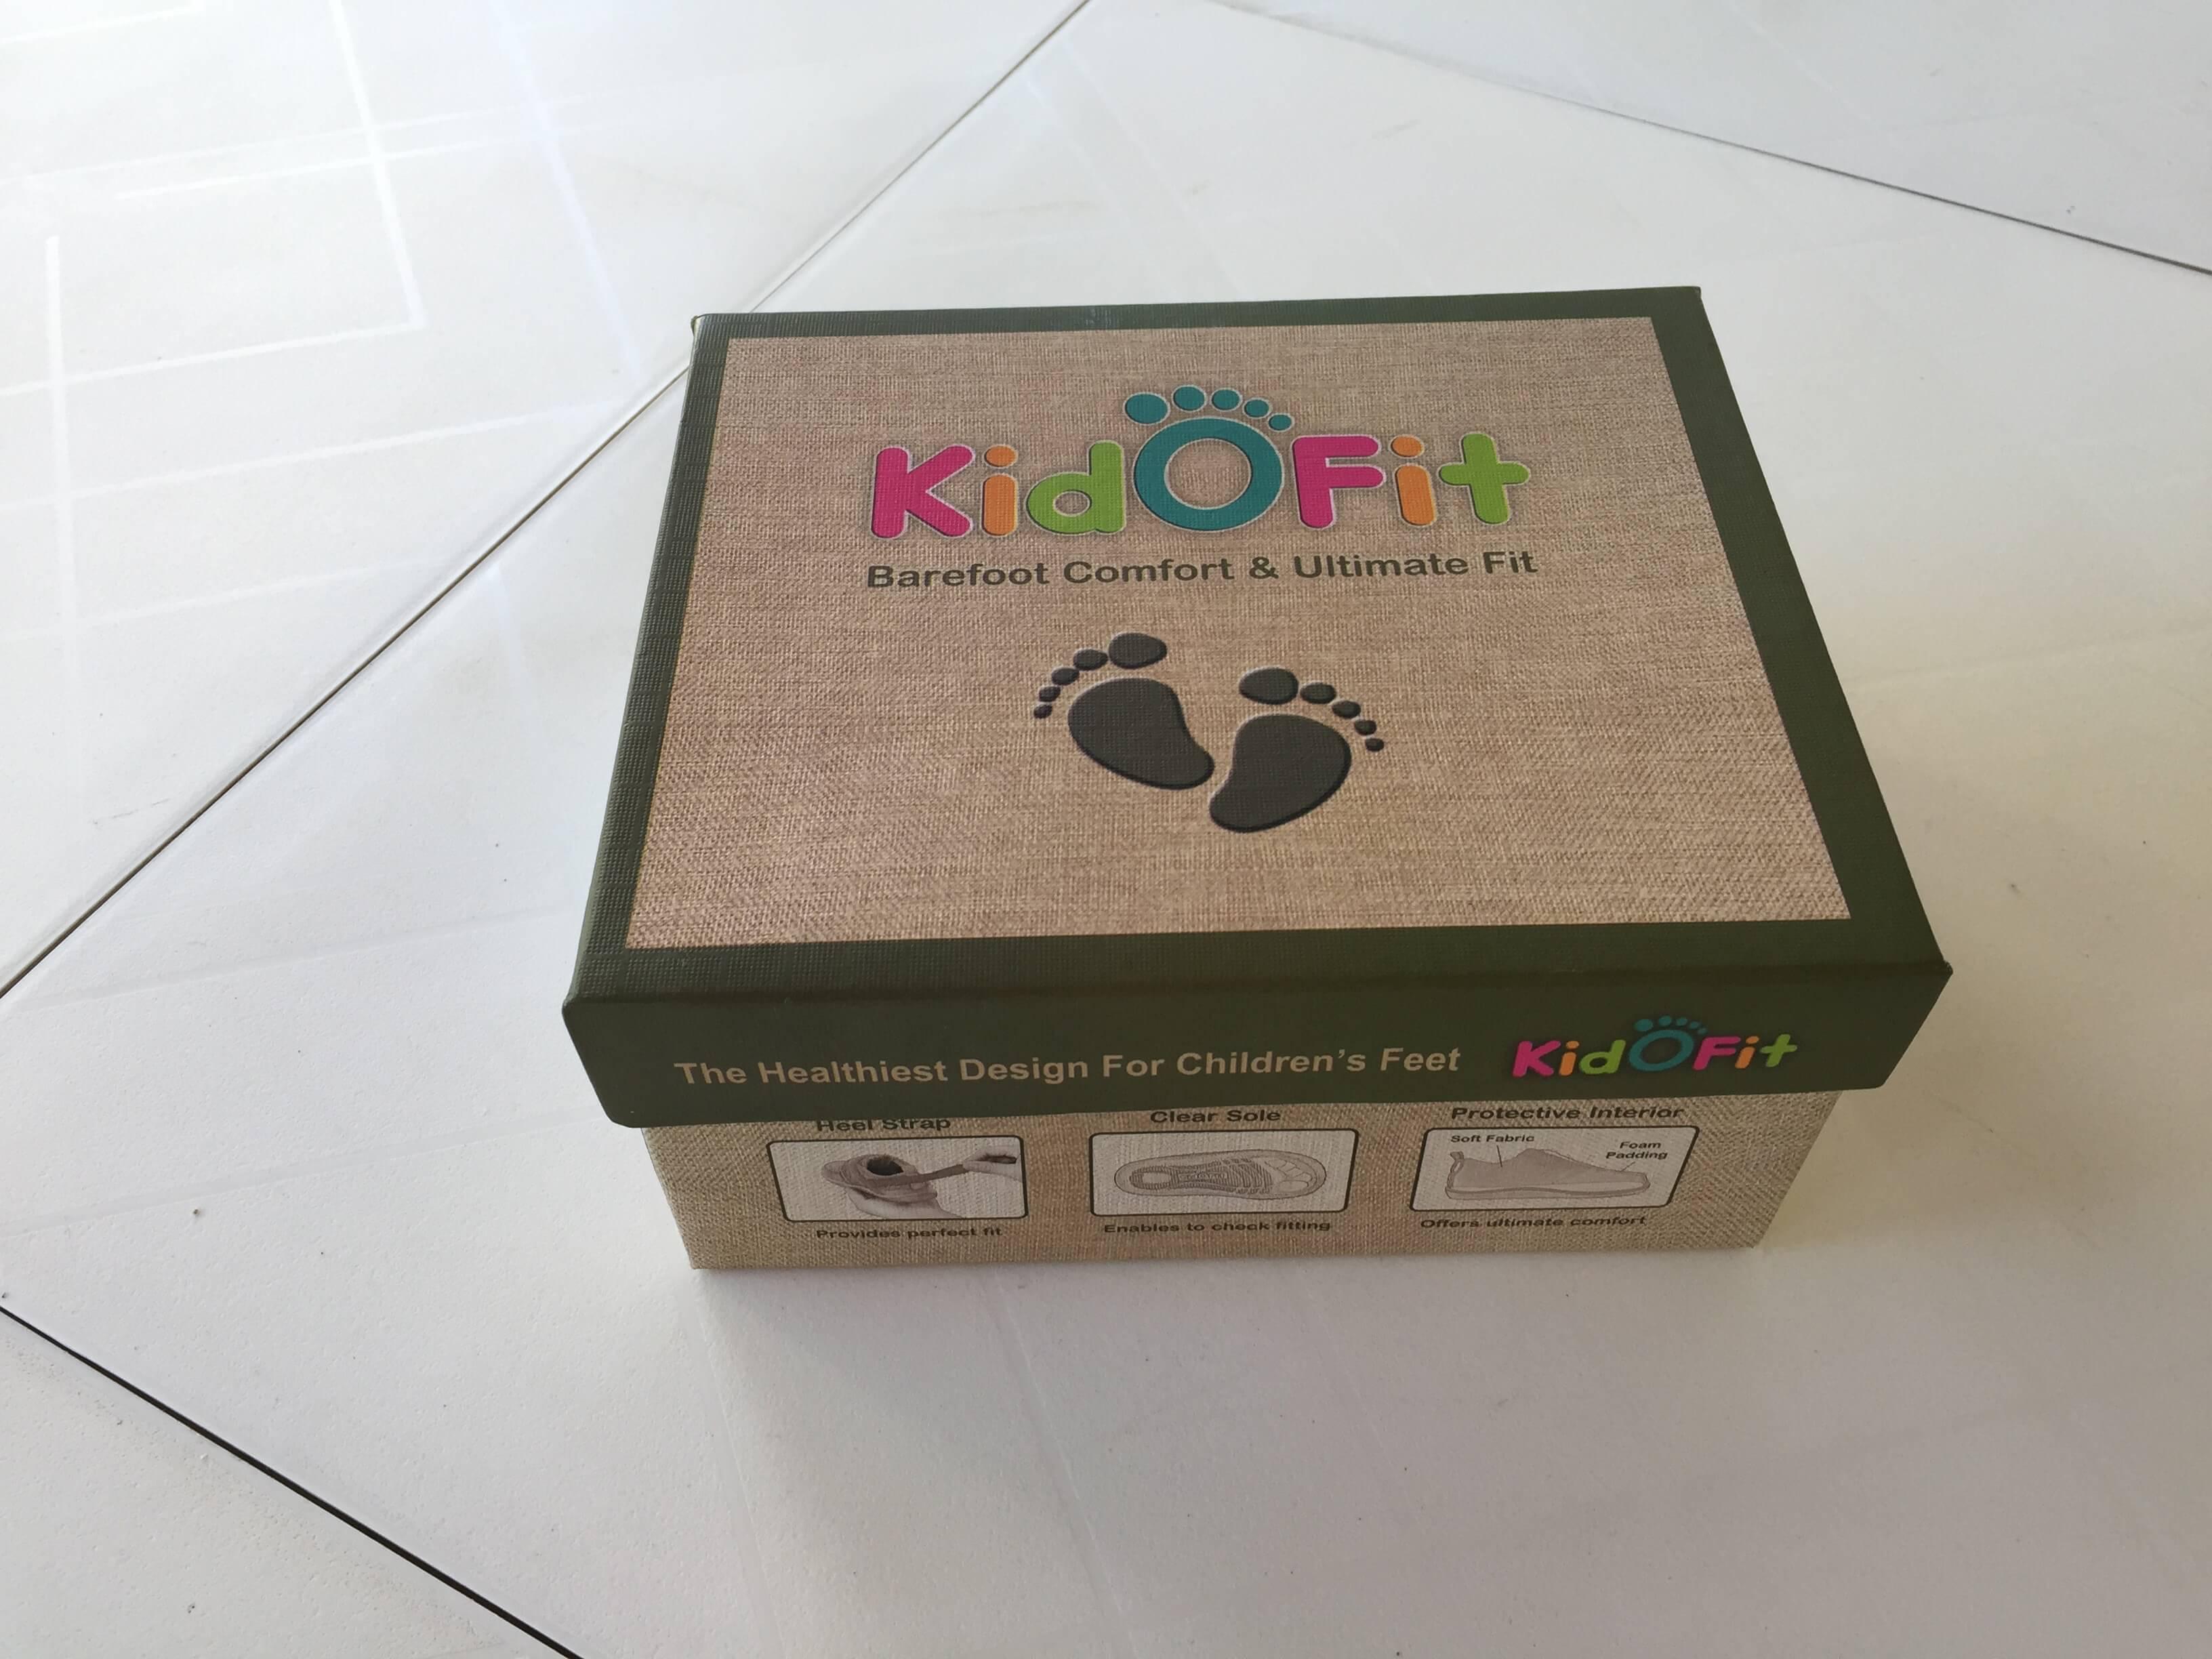 Kidofit_box